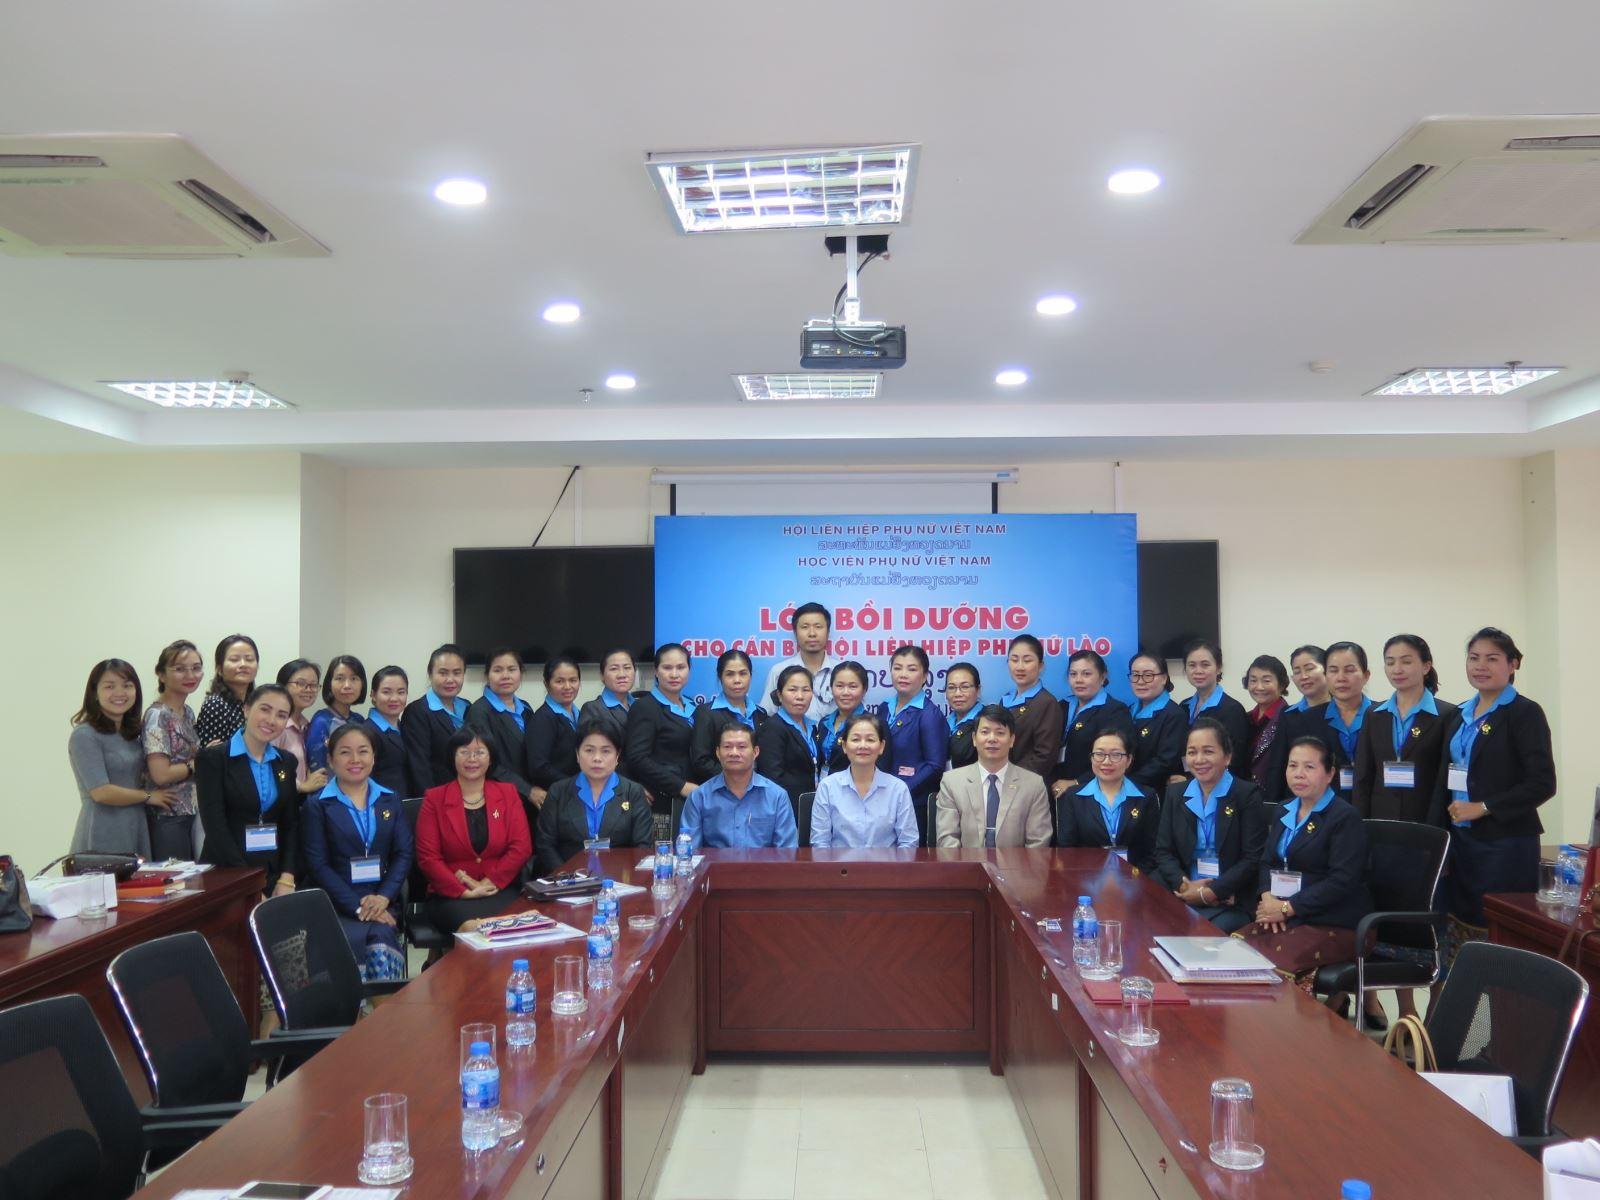 Học viện Phụ nữ Việt Nam bế giảng lớp bồi dưỡng cán bộ Lào 2018